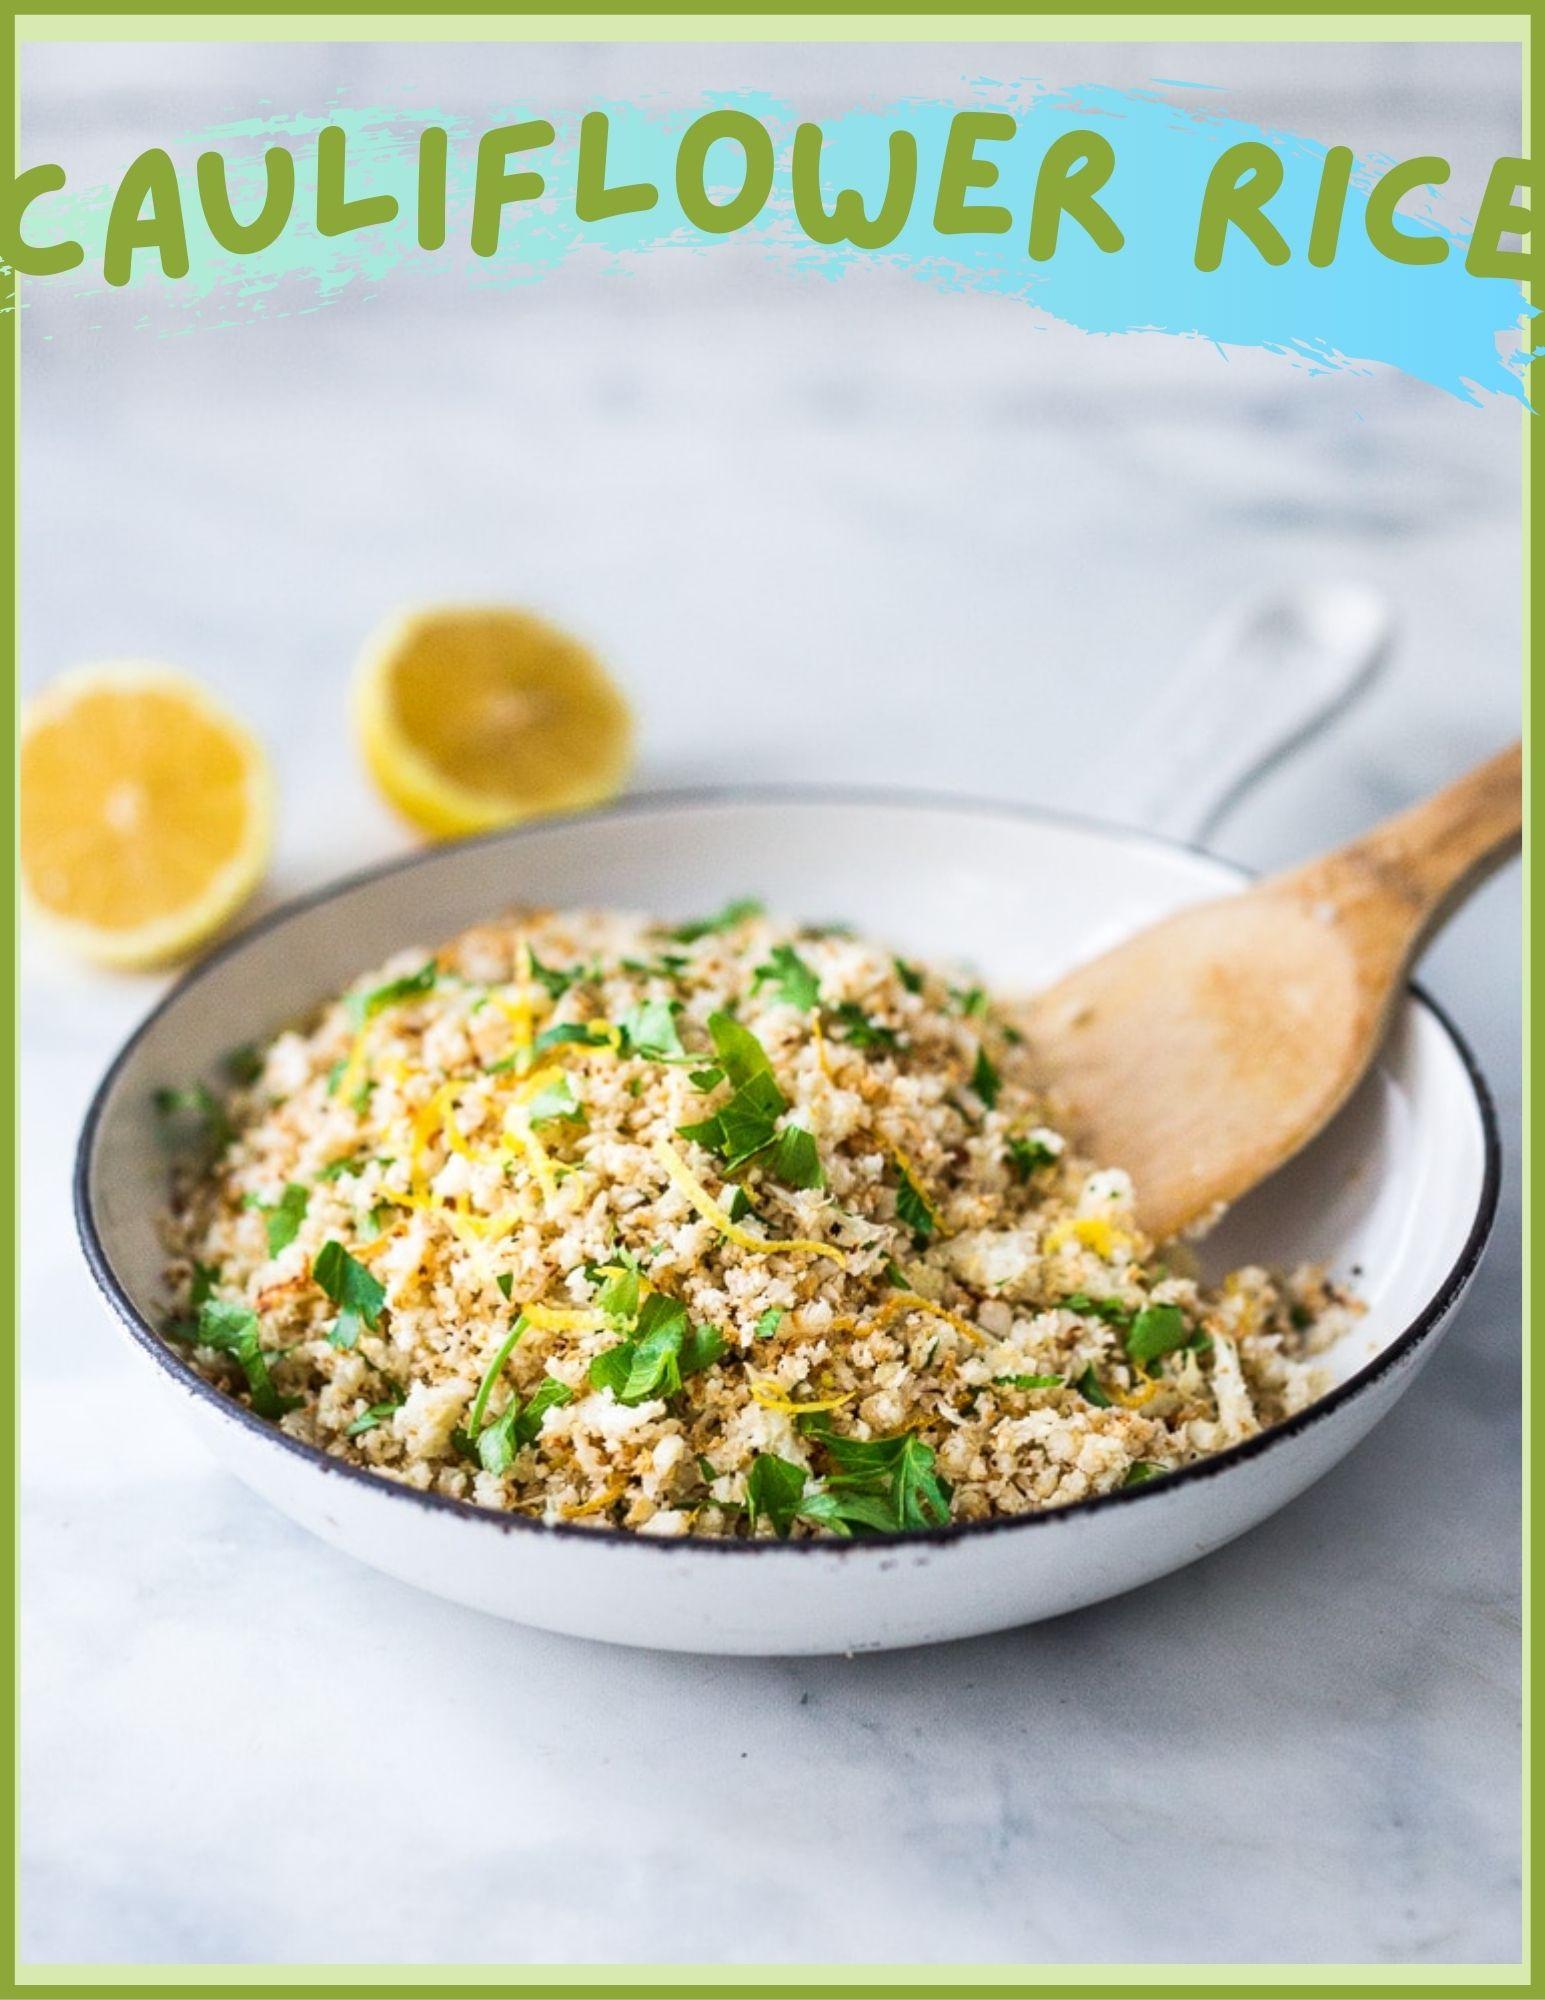 cauliflower rice3